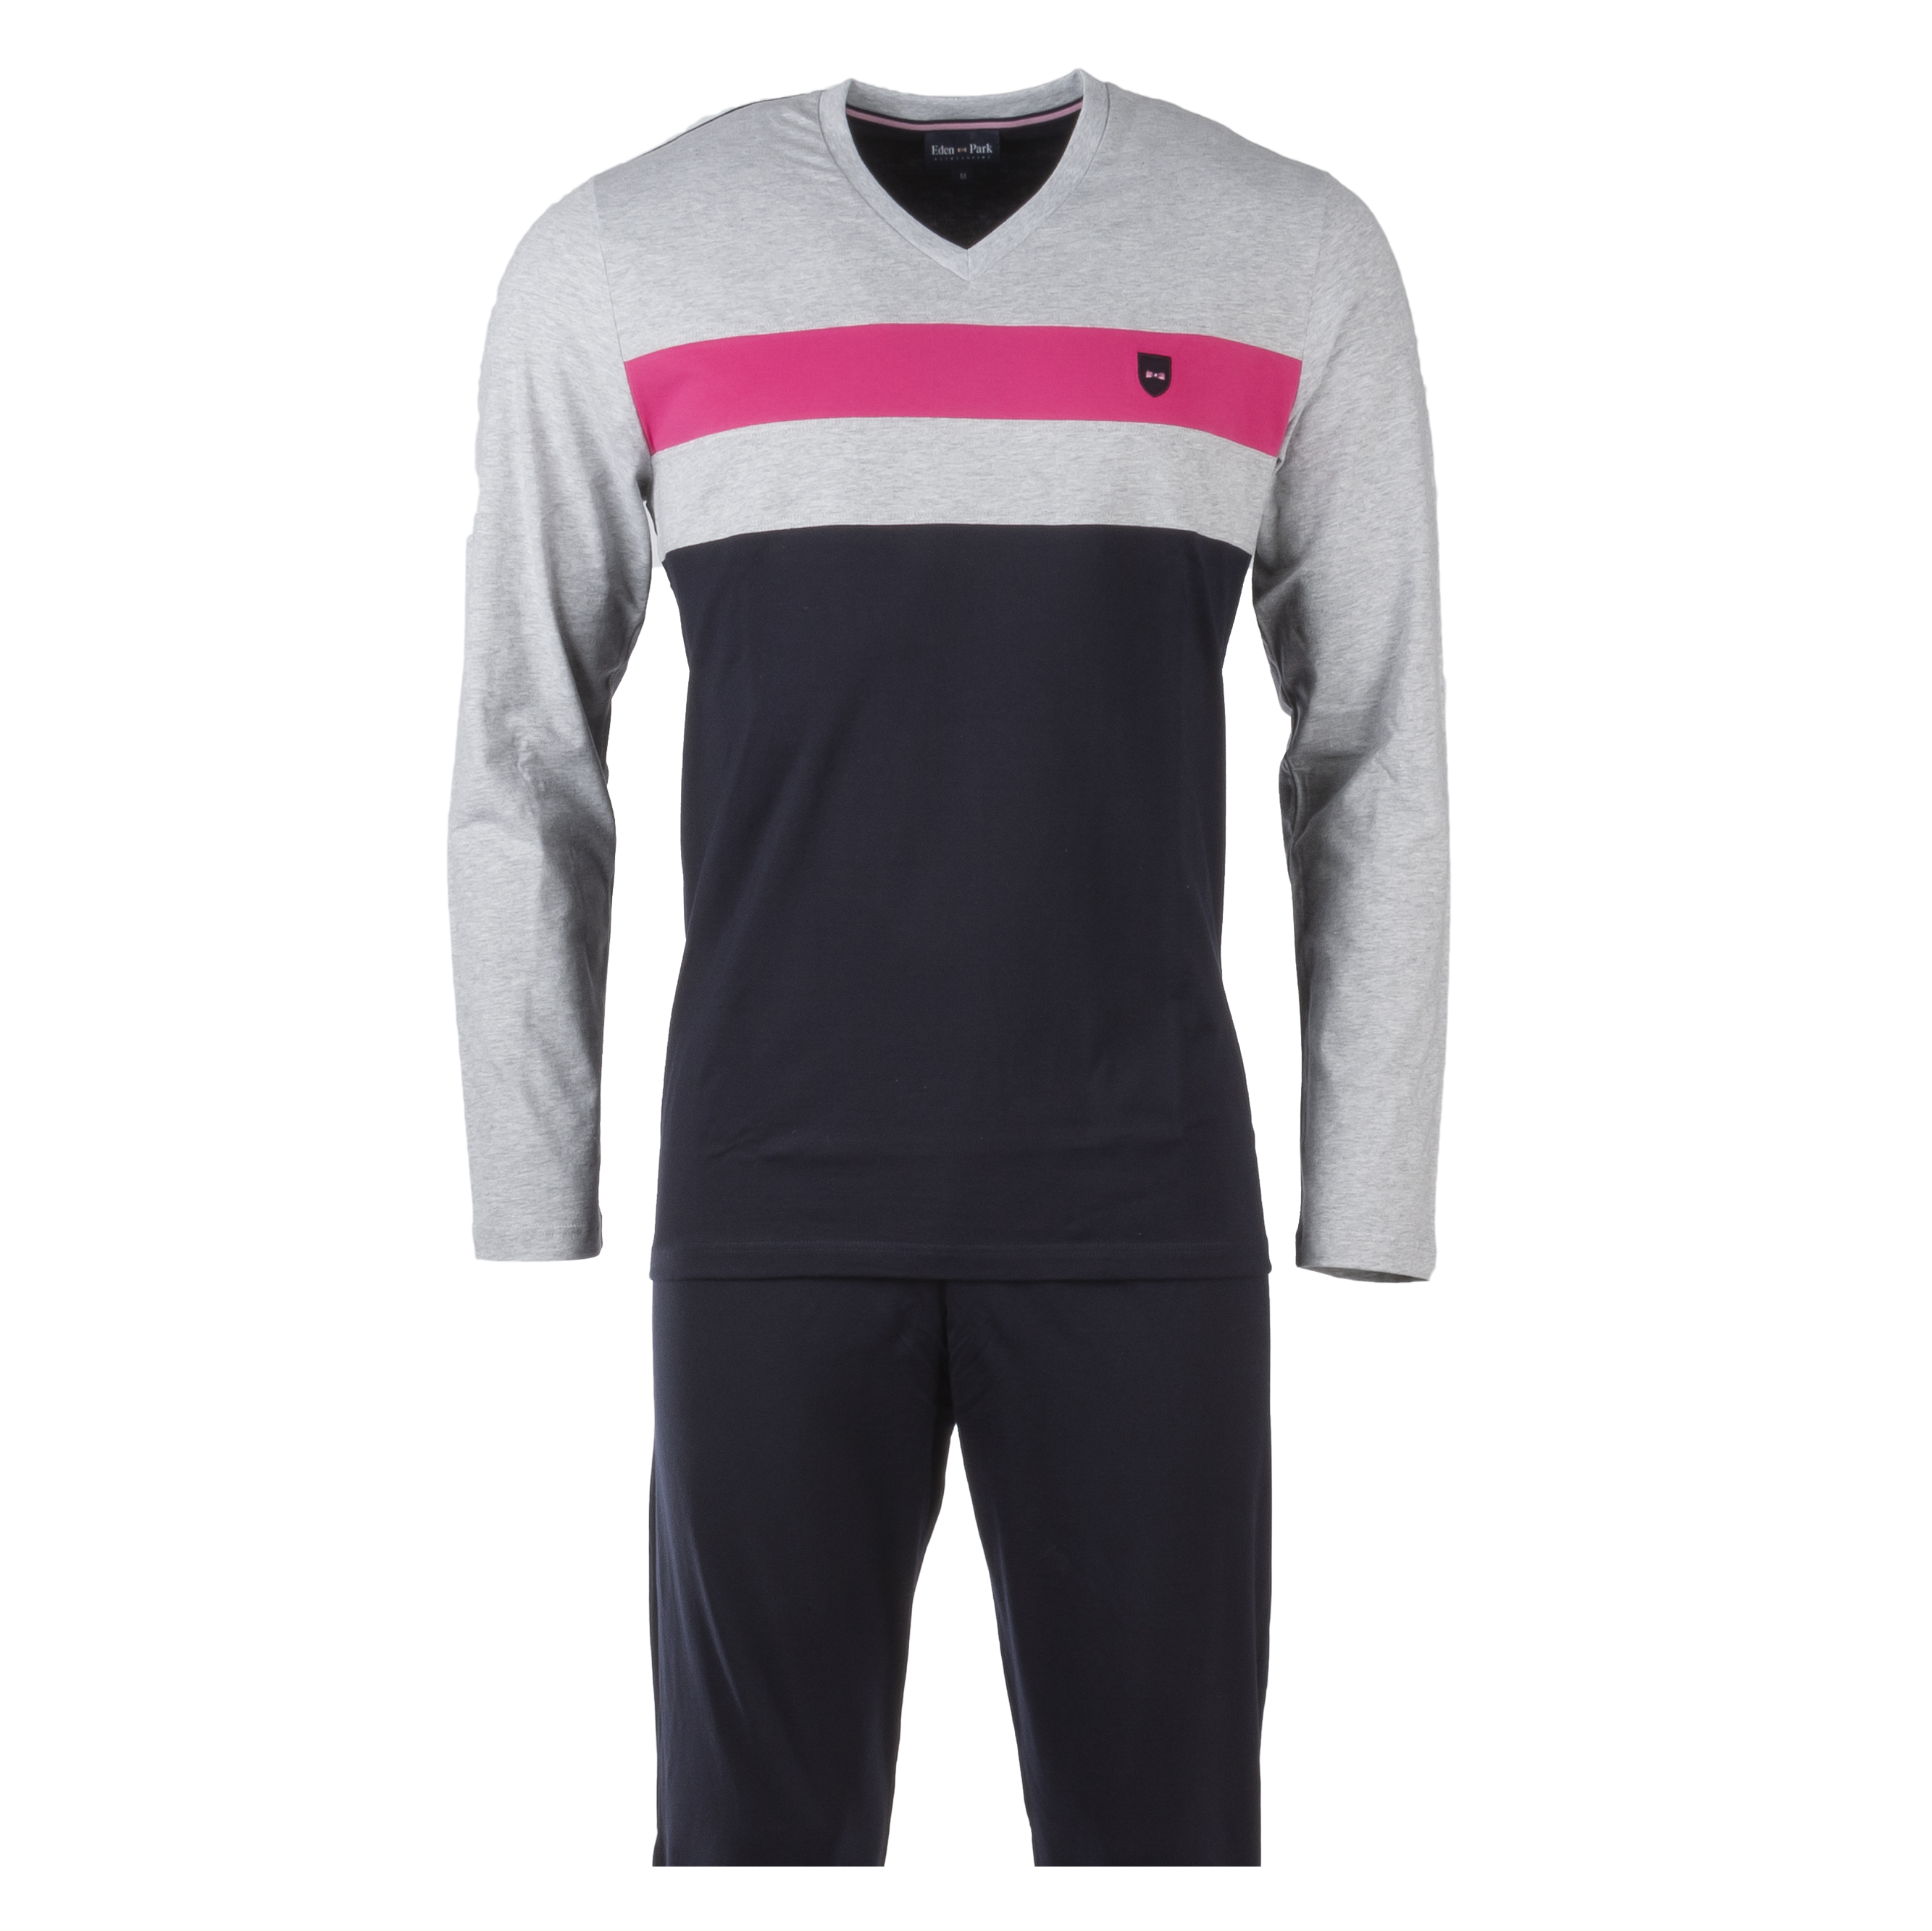 Pyjama long eden park en coton : tee-shirt manches longues col v gris et bleu marine et pantalon bleu marine